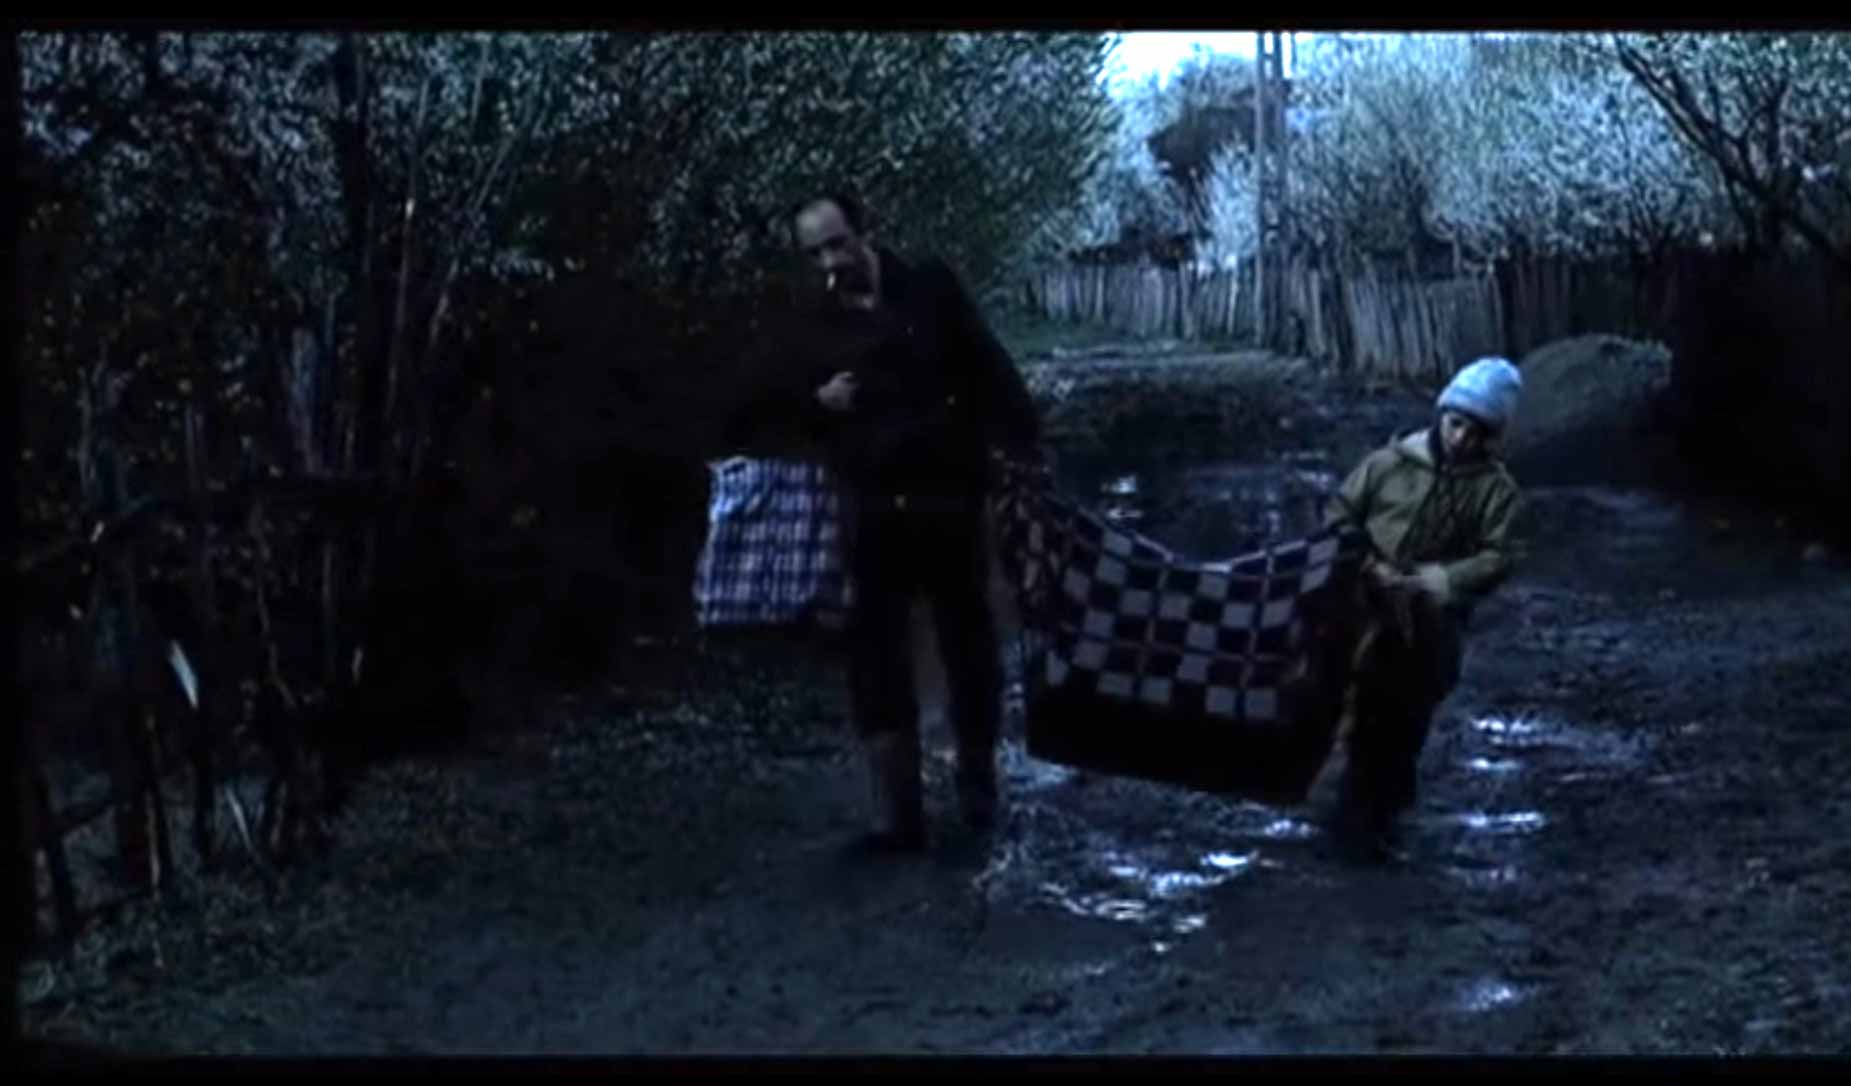 Lampa cu caciula de Radu Jude - 2007